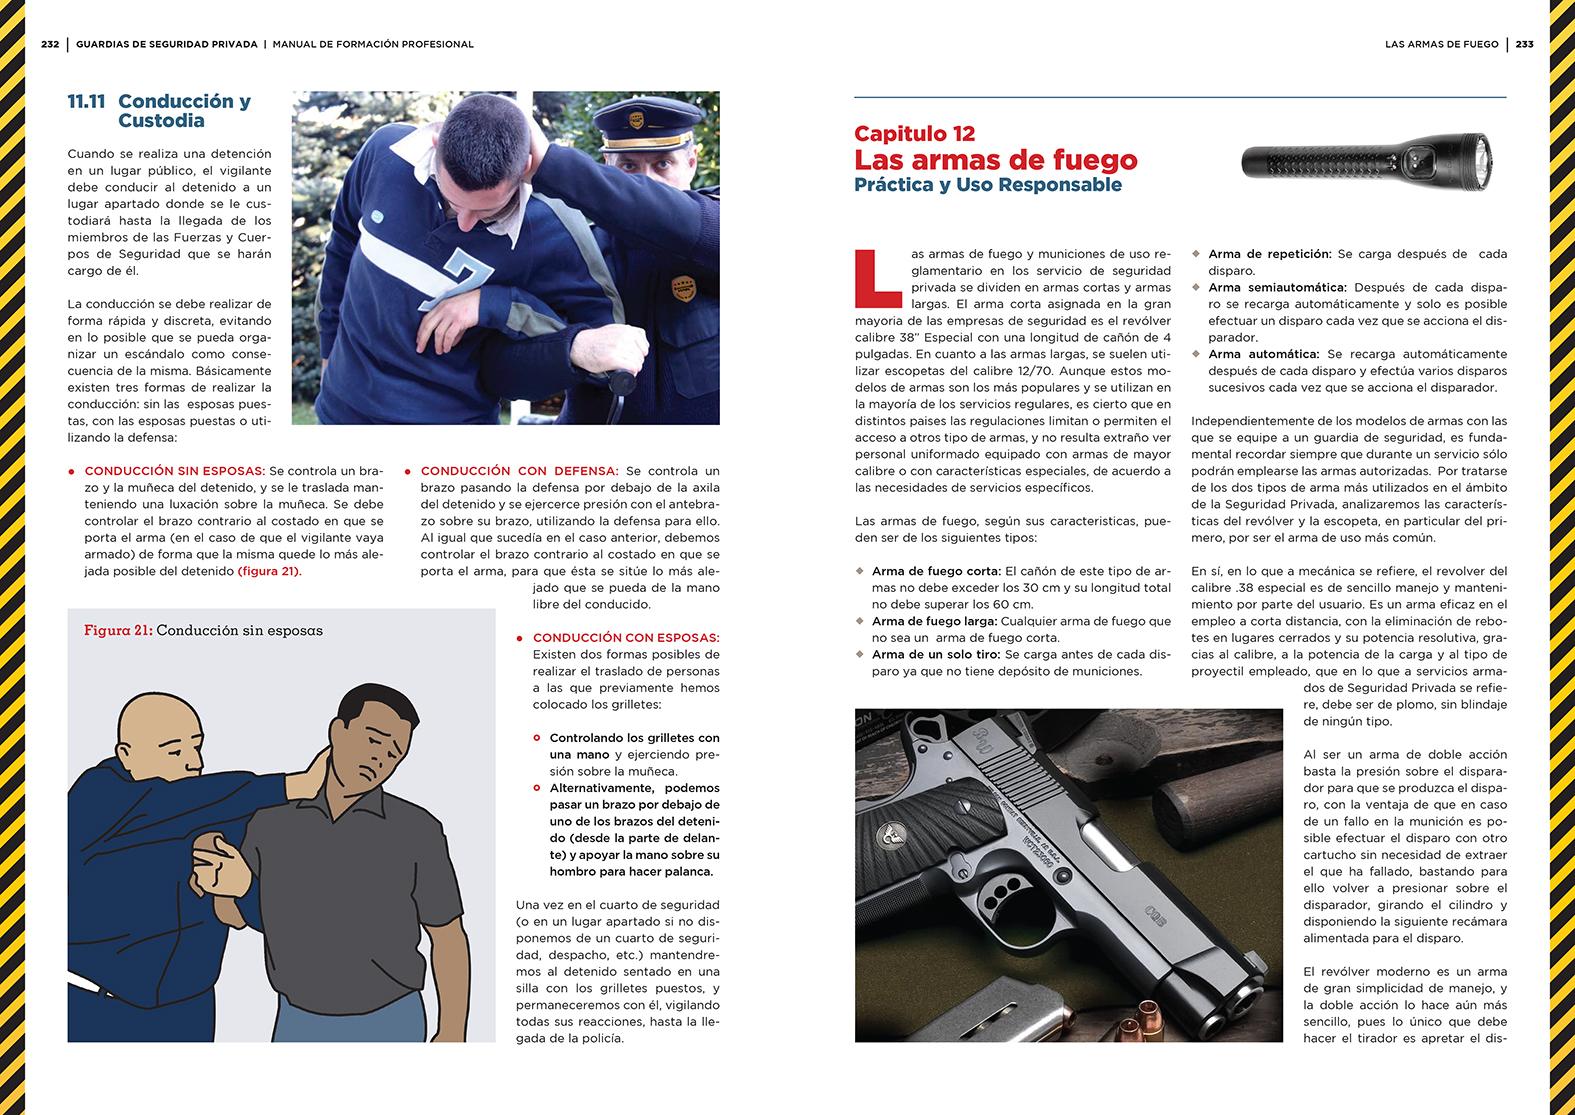 Guardias_SEGURIDAD_4.jpg